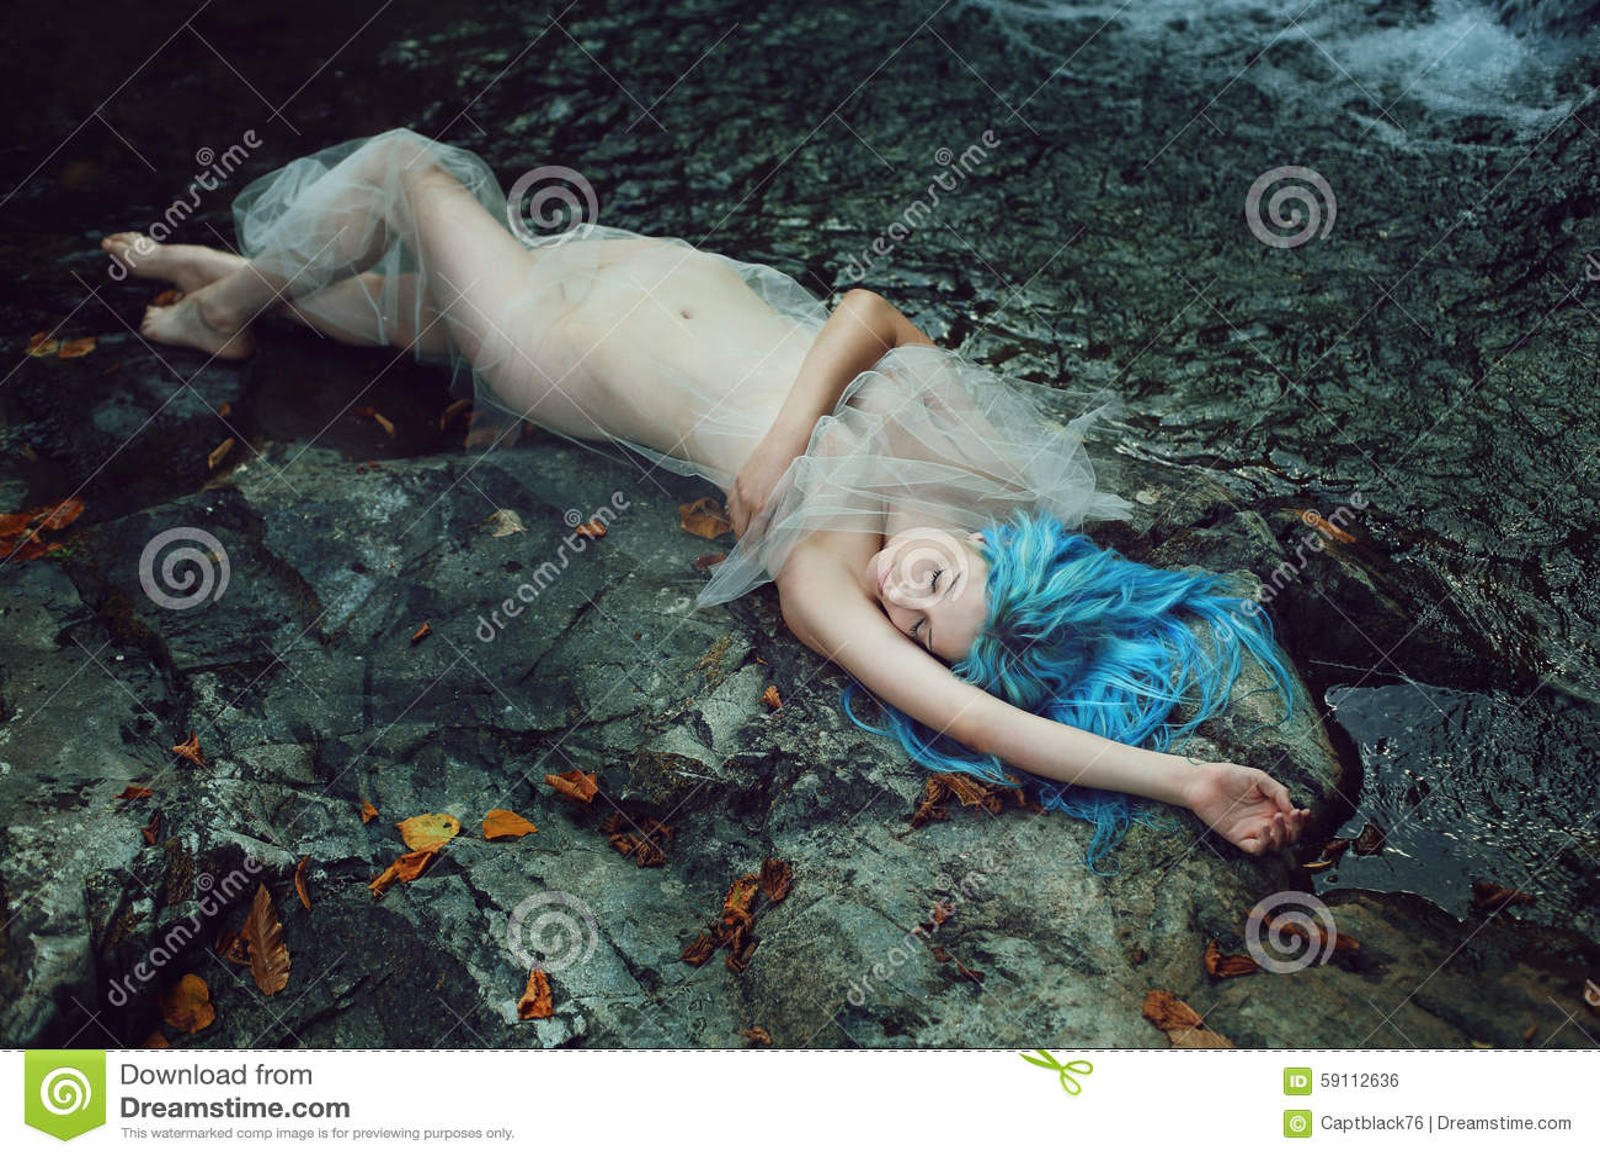 美好水中女仙睡觉